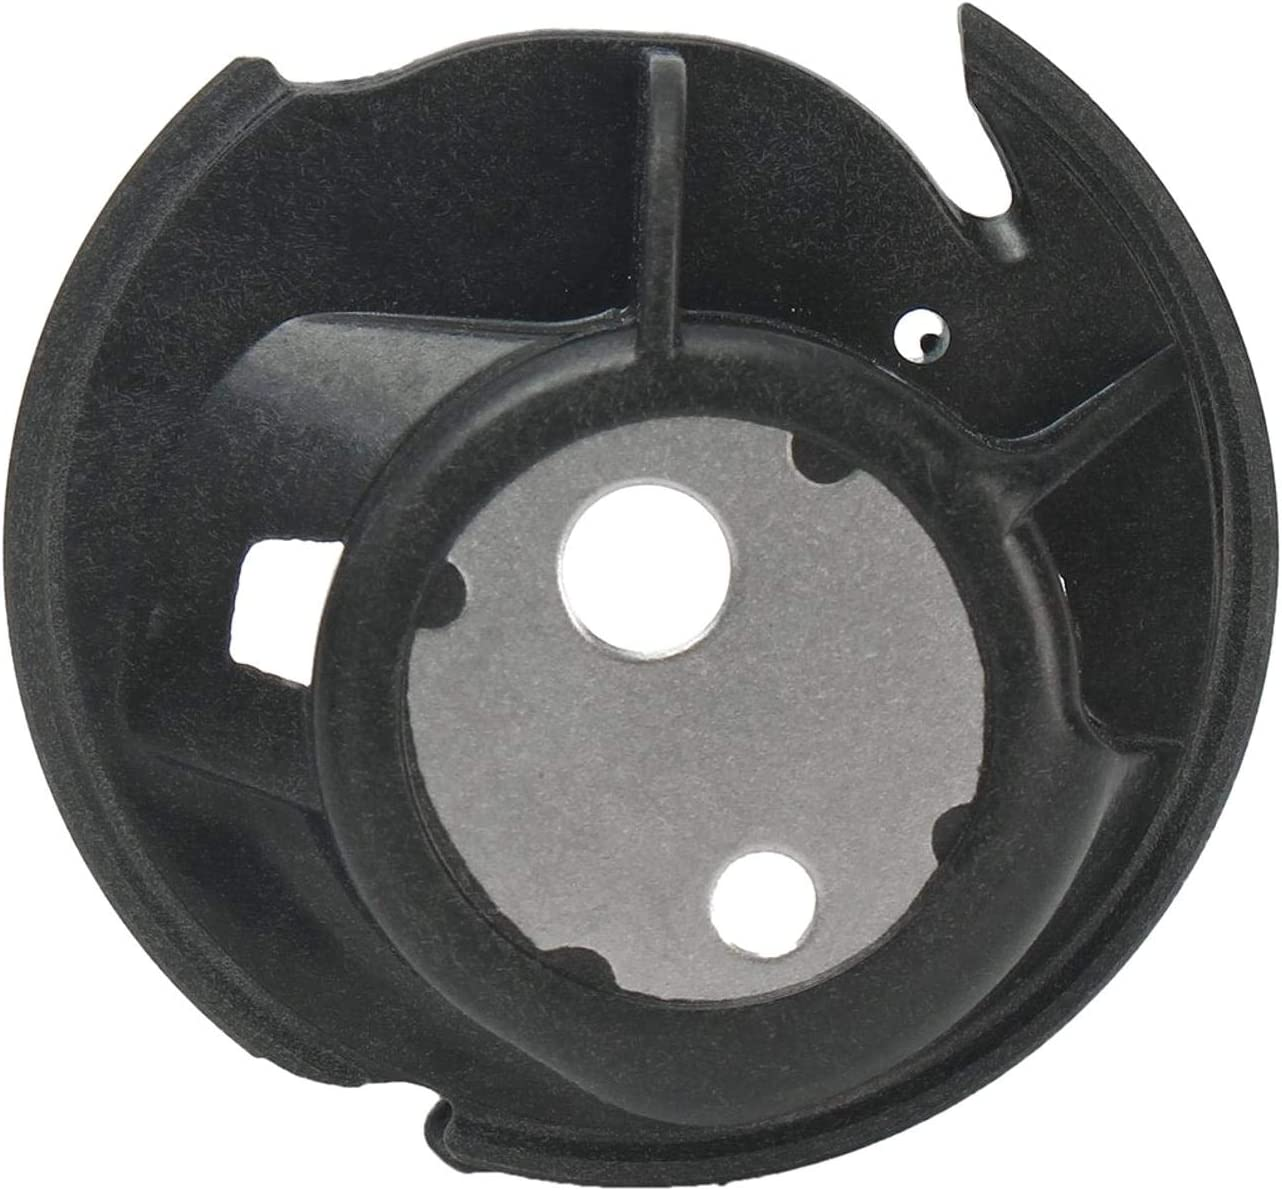 TRUUA Caso Negro Bobina de Coser Piezas de la máquina Singer # Q6A0764000 3323 4411 4423 5511 5523-3.5cm * 4cm * 1.3cm